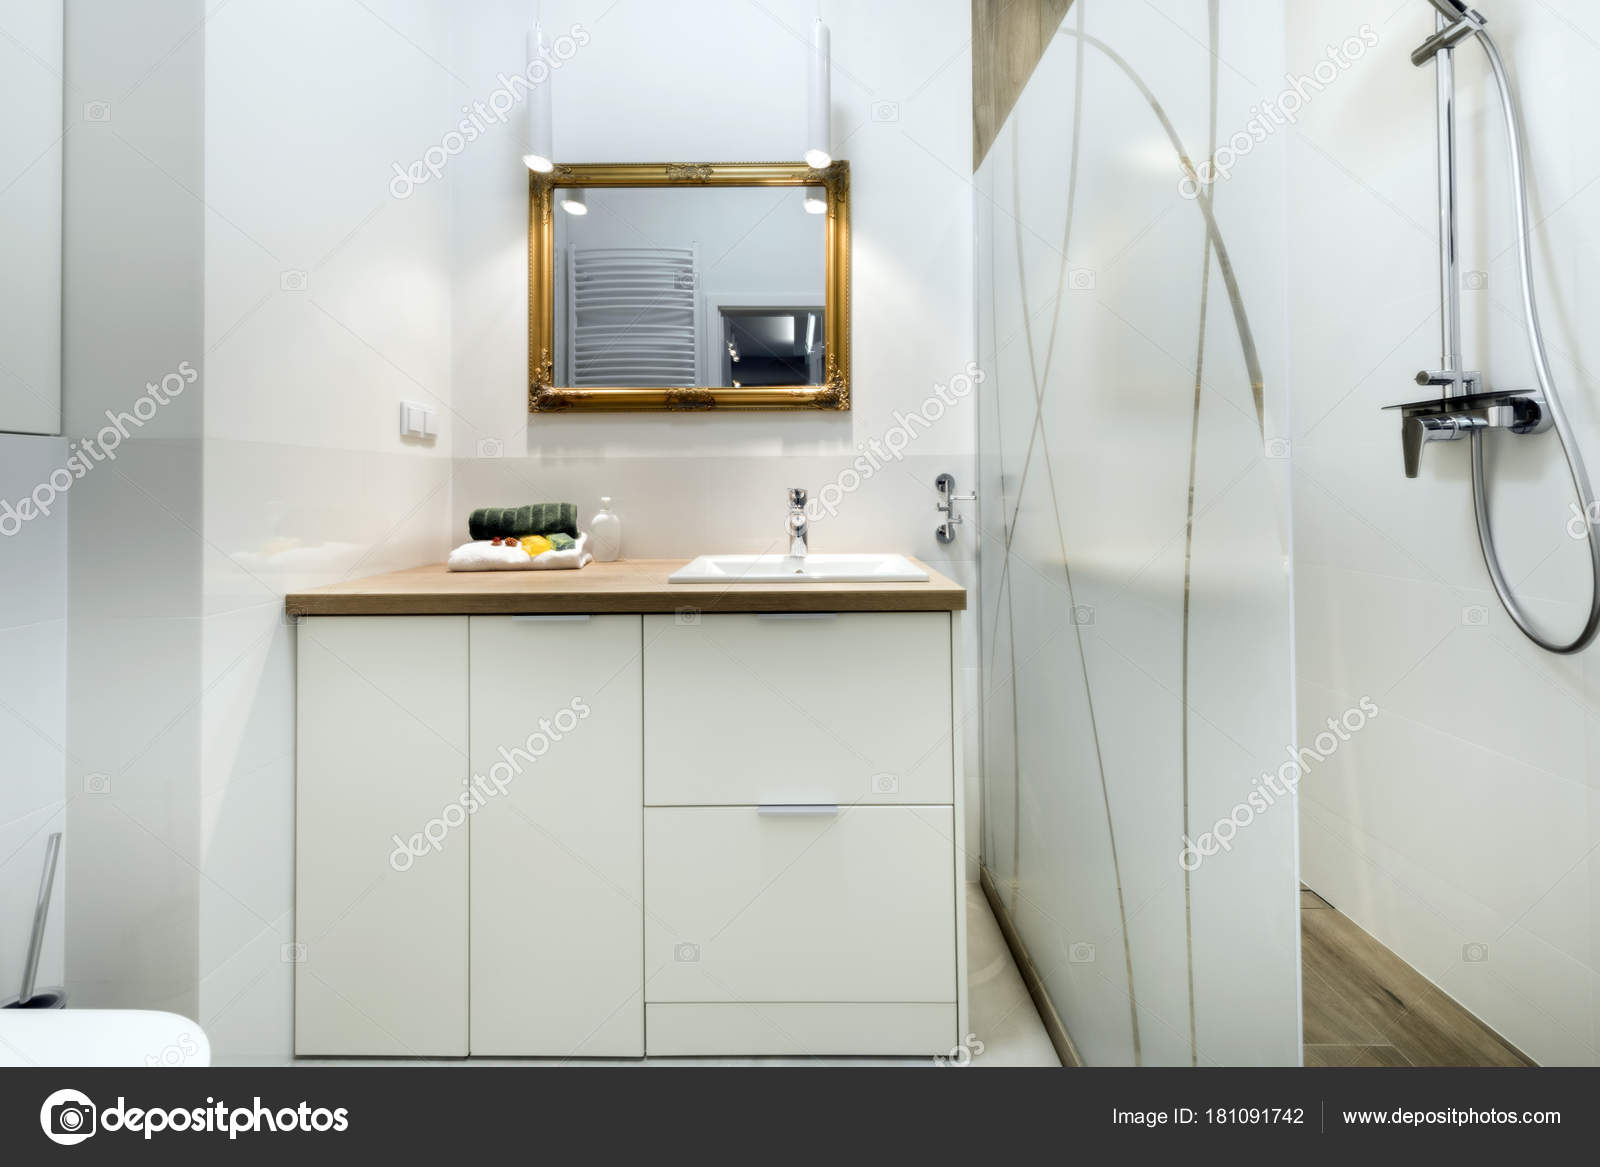 Moderne badkamer met houten vloer — Stockfoto © jacek_kadaj #181091742